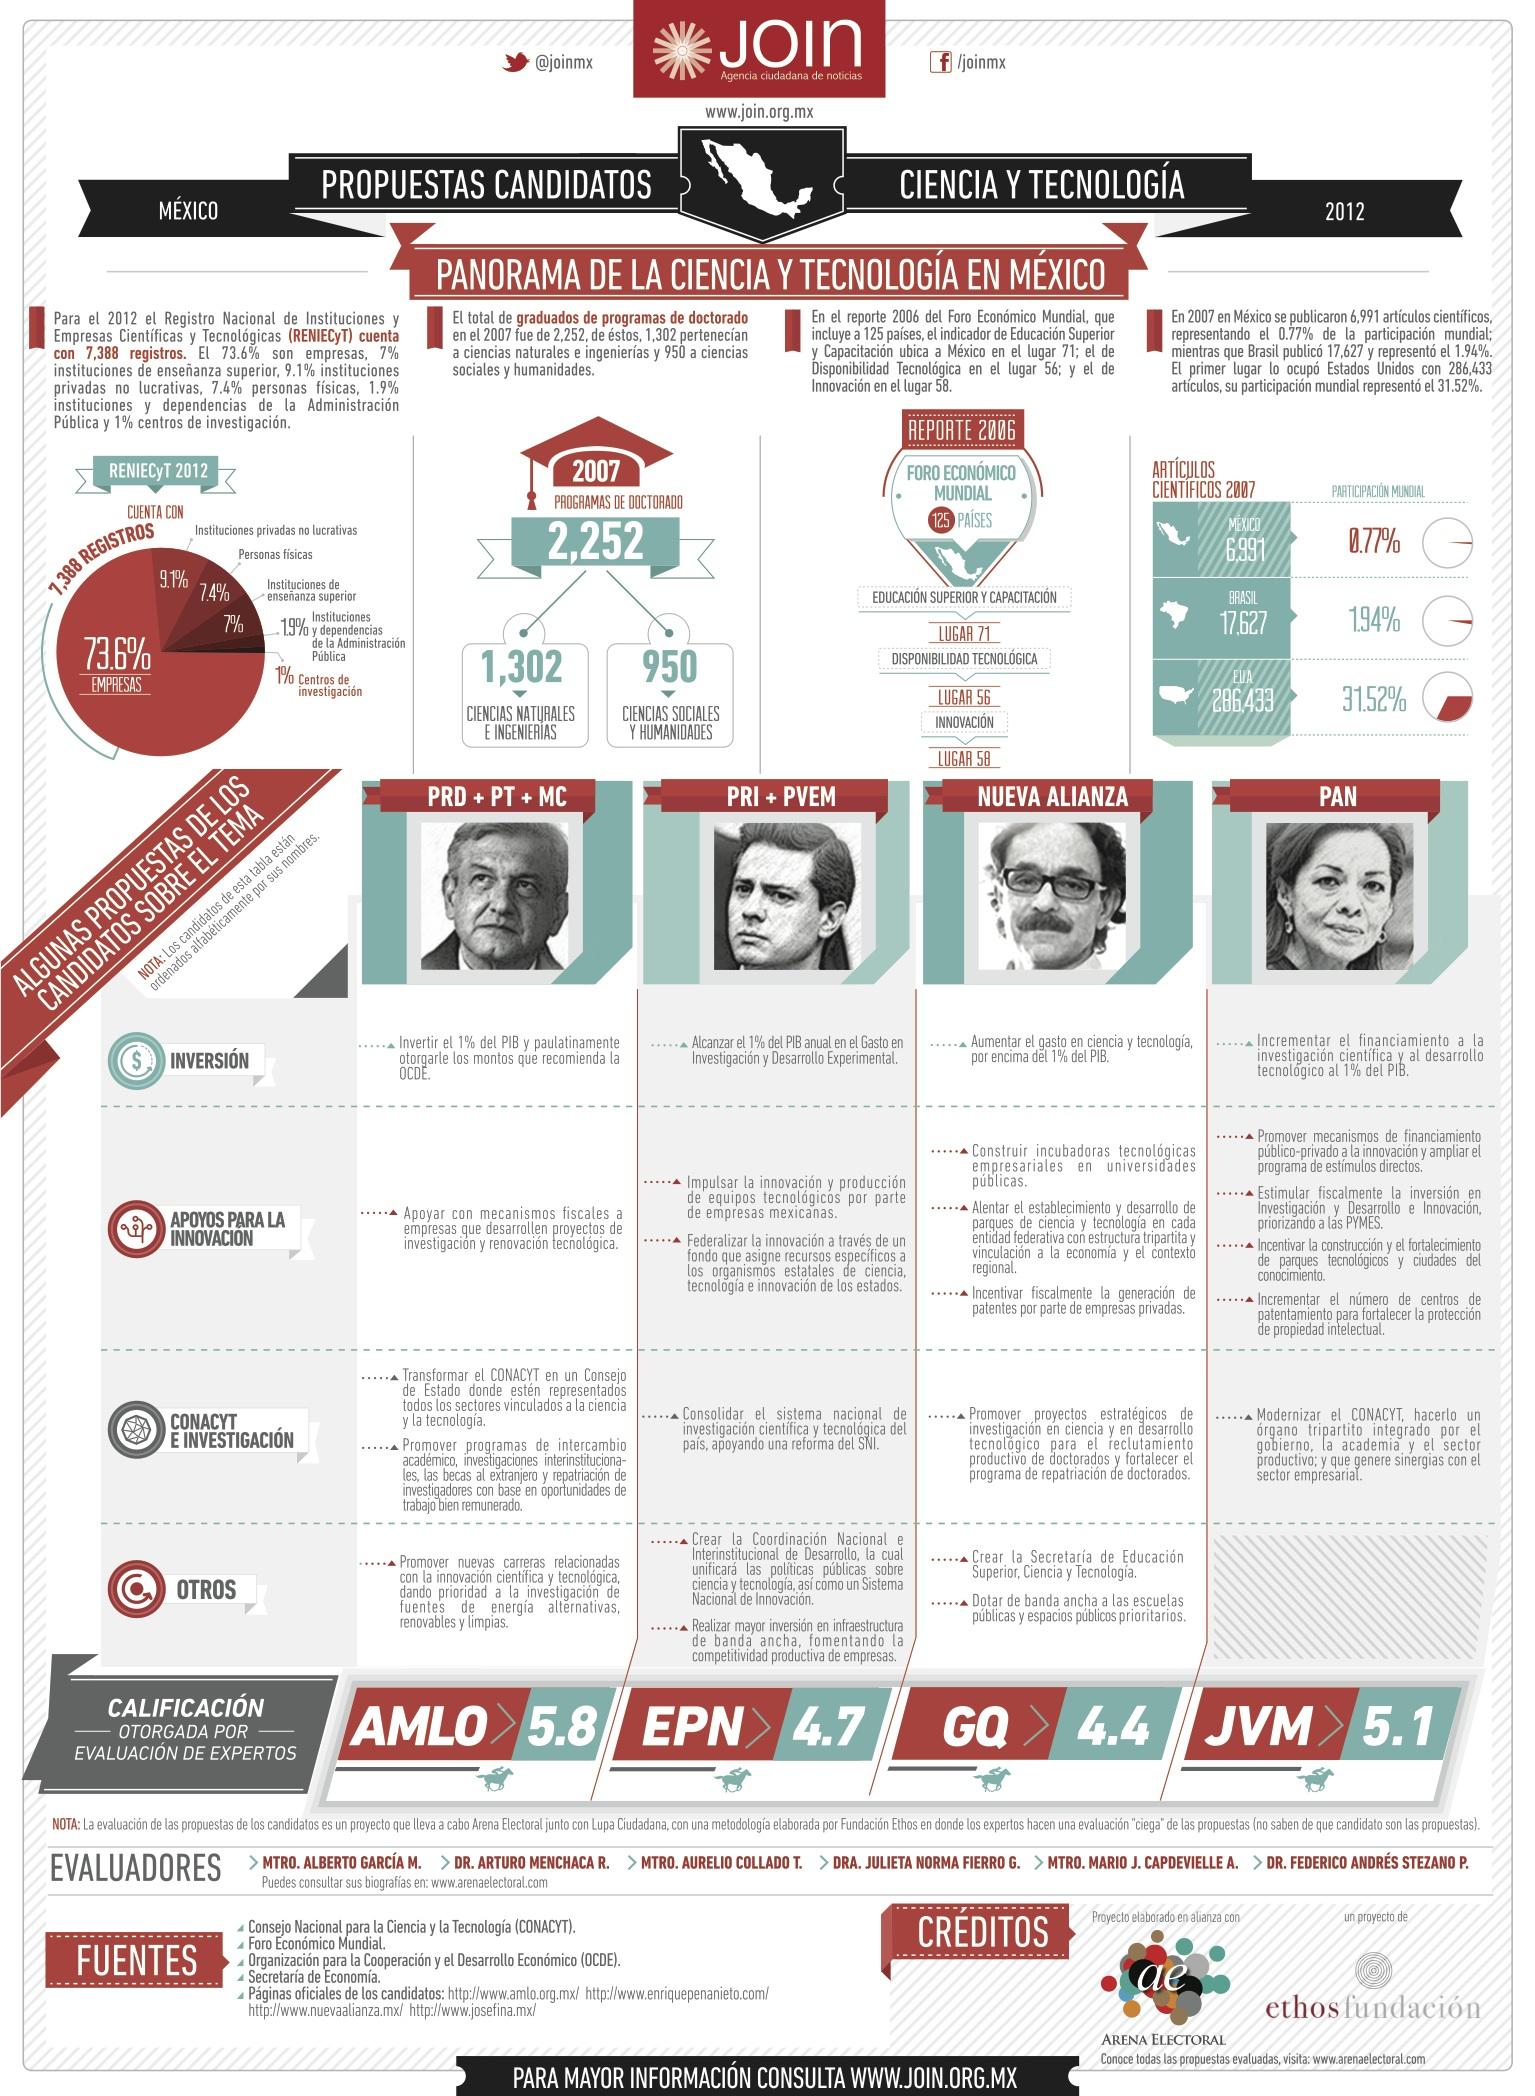 Propuestas Candidatos a la Presidencia - Ciencia y Tecnología